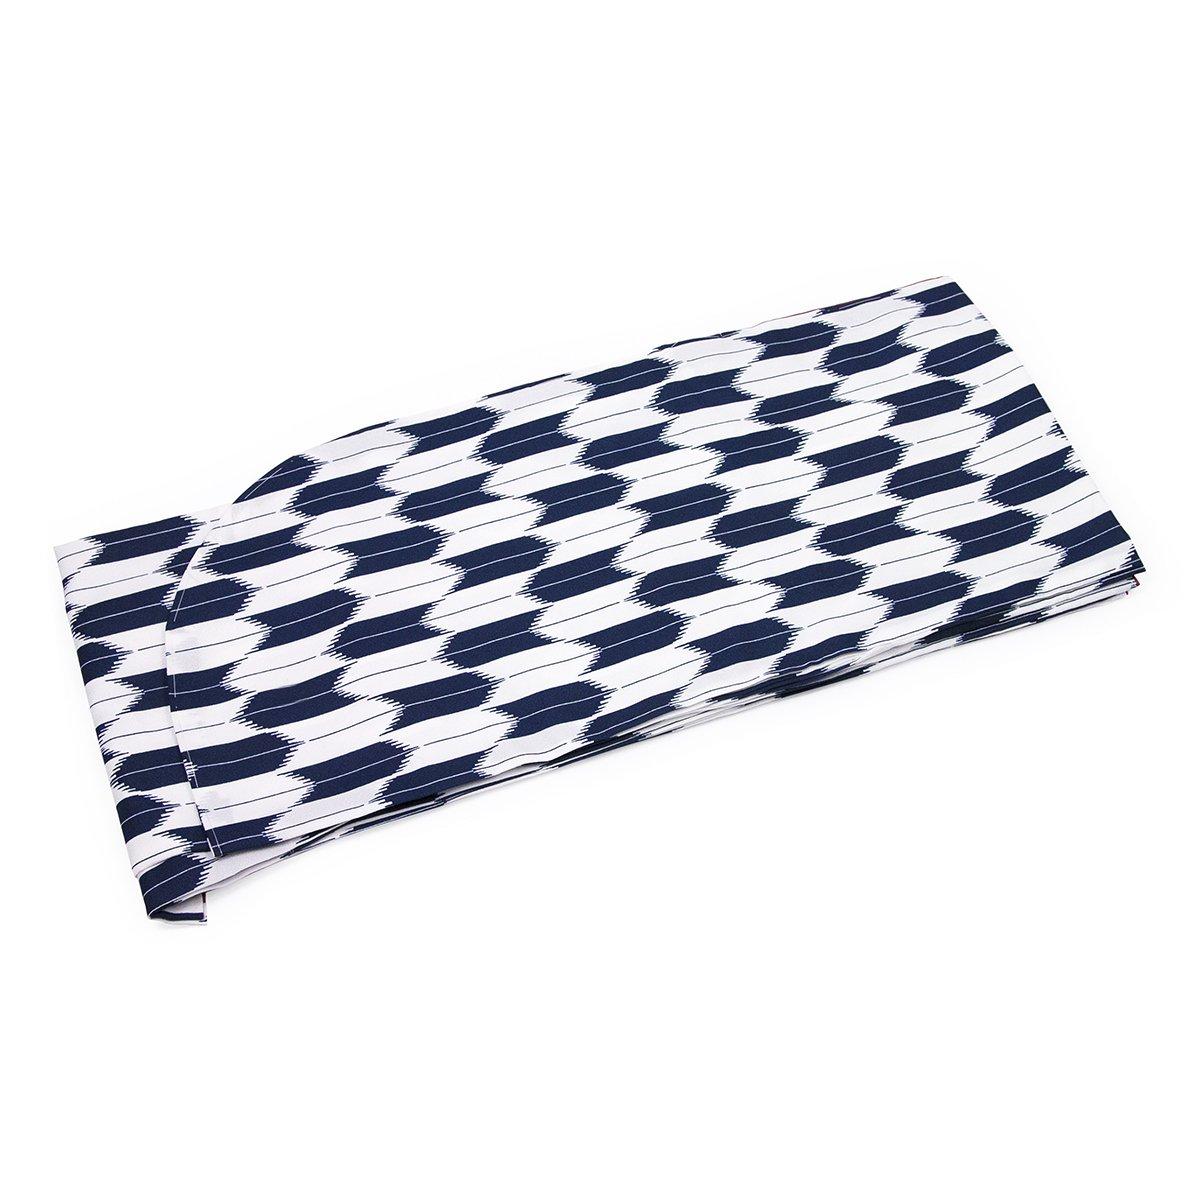 (キョウエツ) KYOETSU はいからさん 二尺袖着物 矢羽根/矢絣 単品 B06XGBBJ1W M|紺(大矢絣) 紺(大矢絣) M